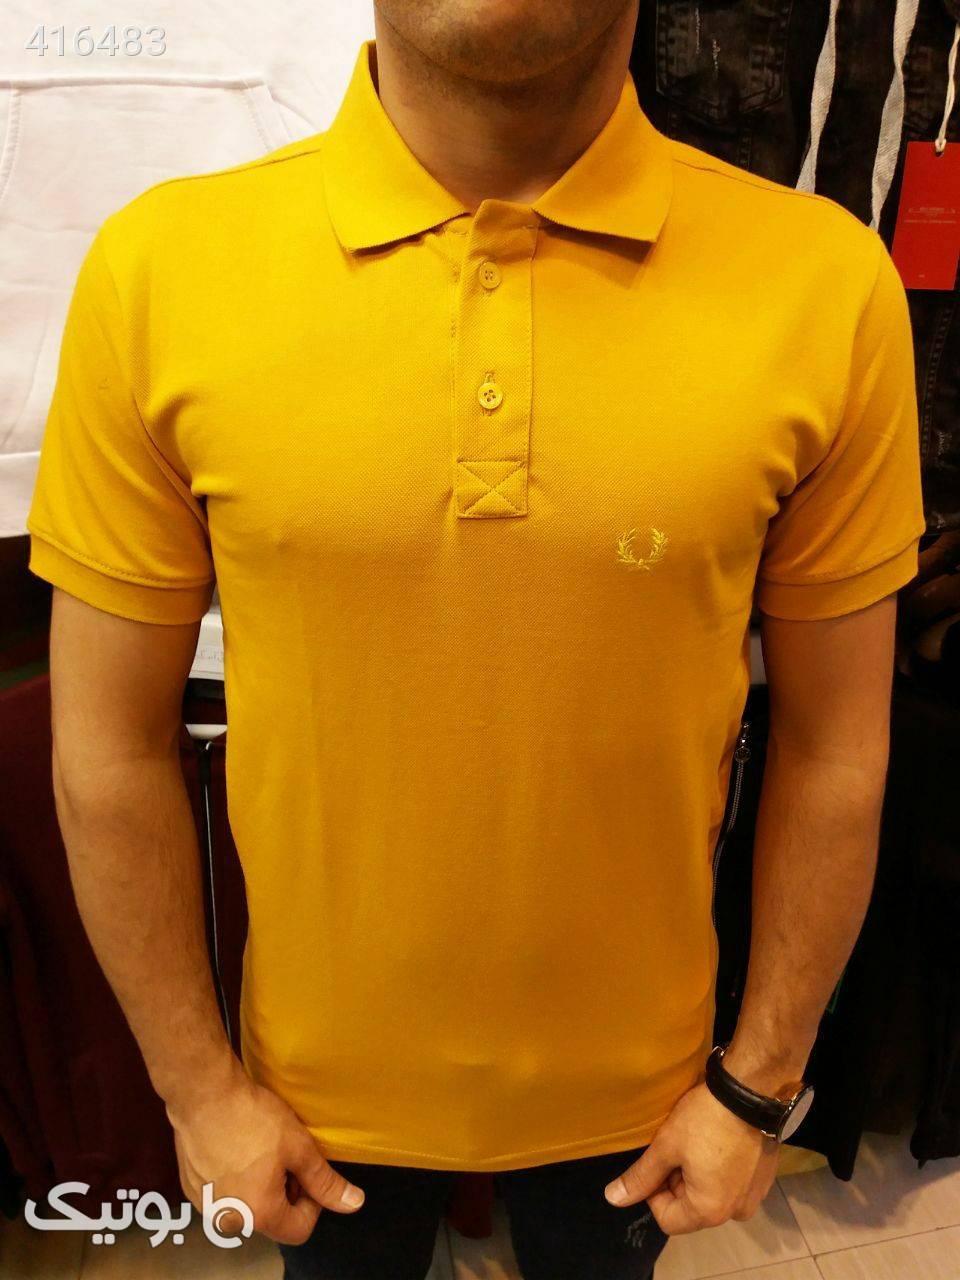 تیشرت جودون یقه دار زرد تی شرت و پولو شرت مردانه